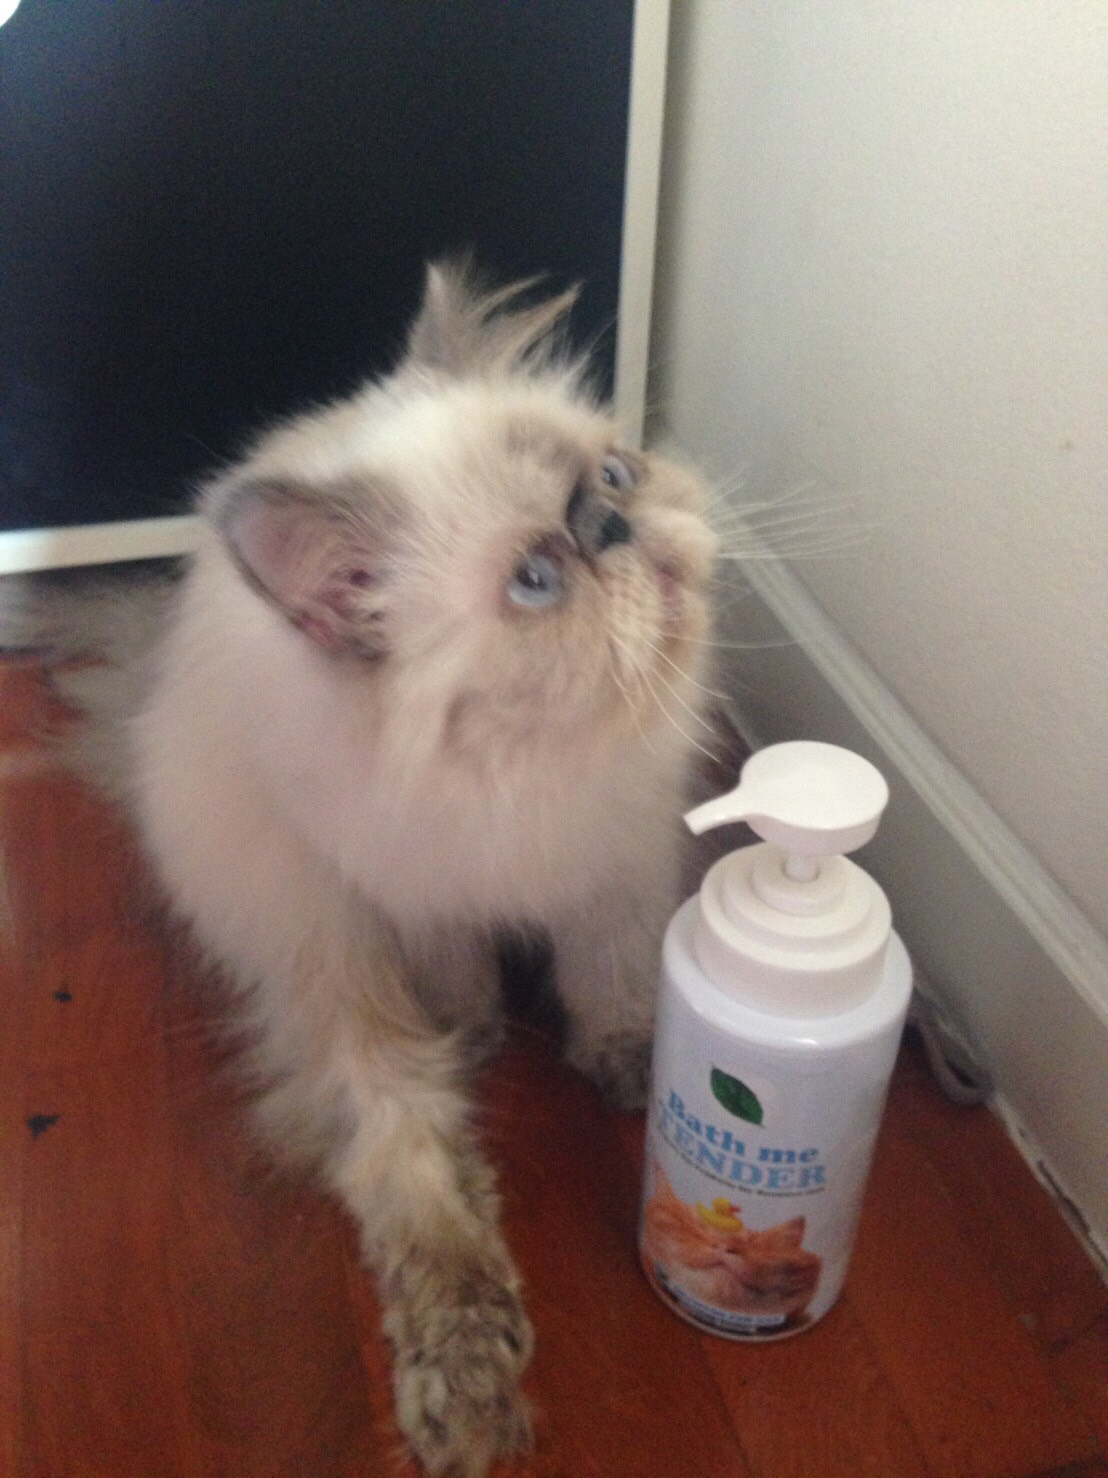 รีวิว แชมพูแมว Bath me Tender customer review - organic cat shampoo - น้องเวลตี้ (2)